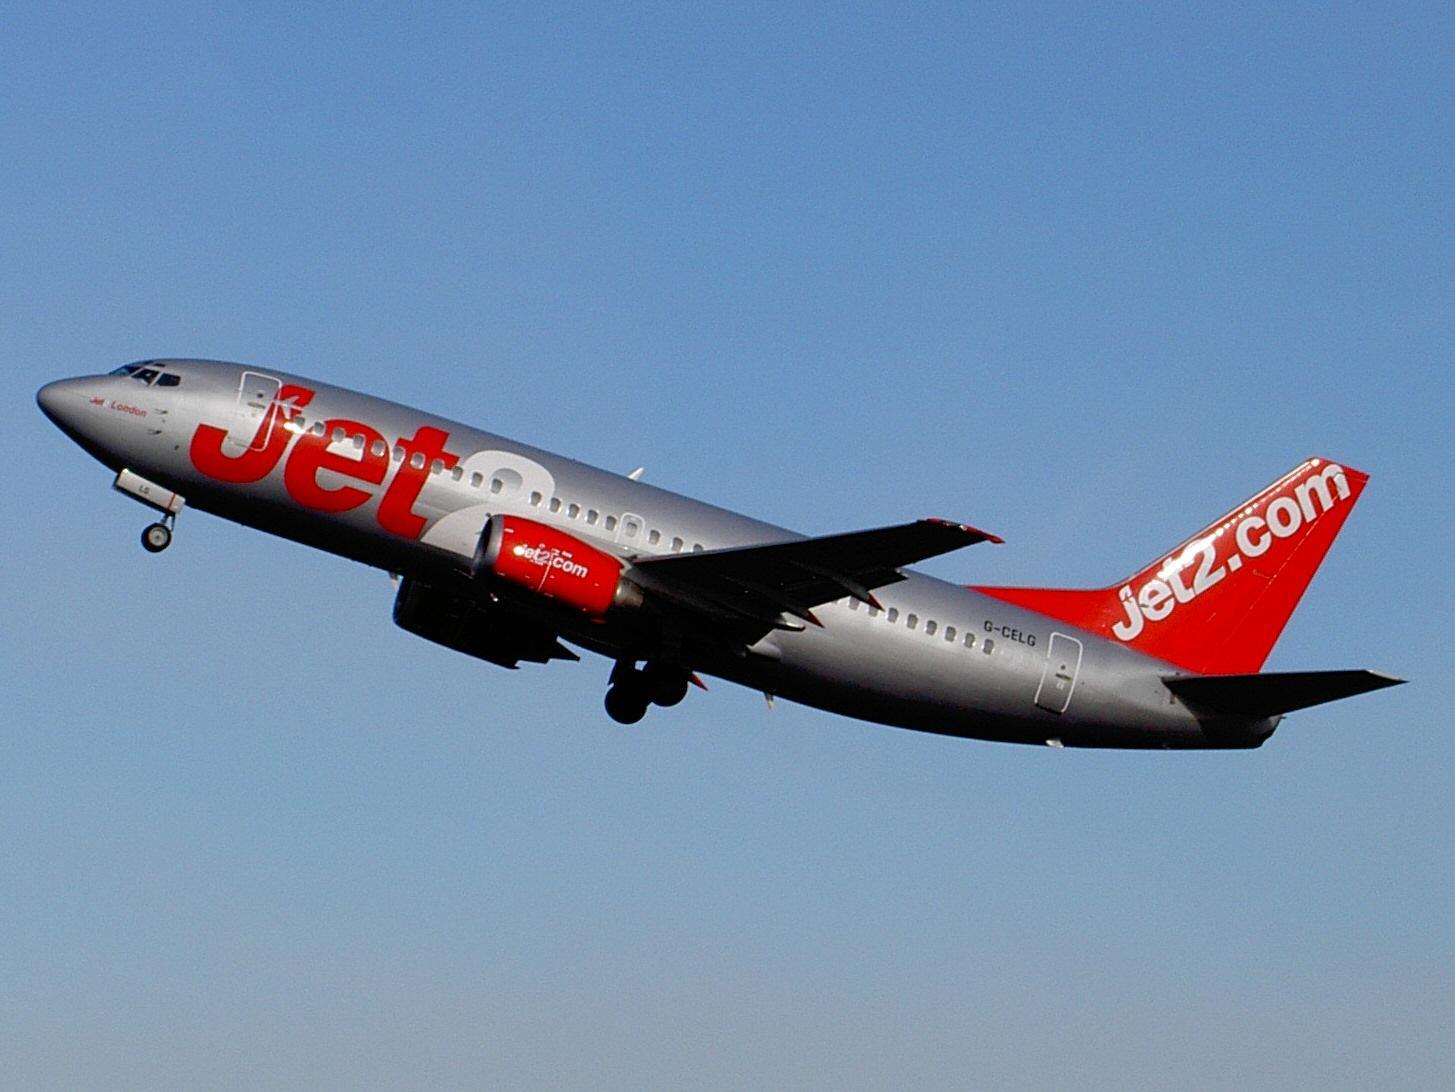 jet2 - photo #17